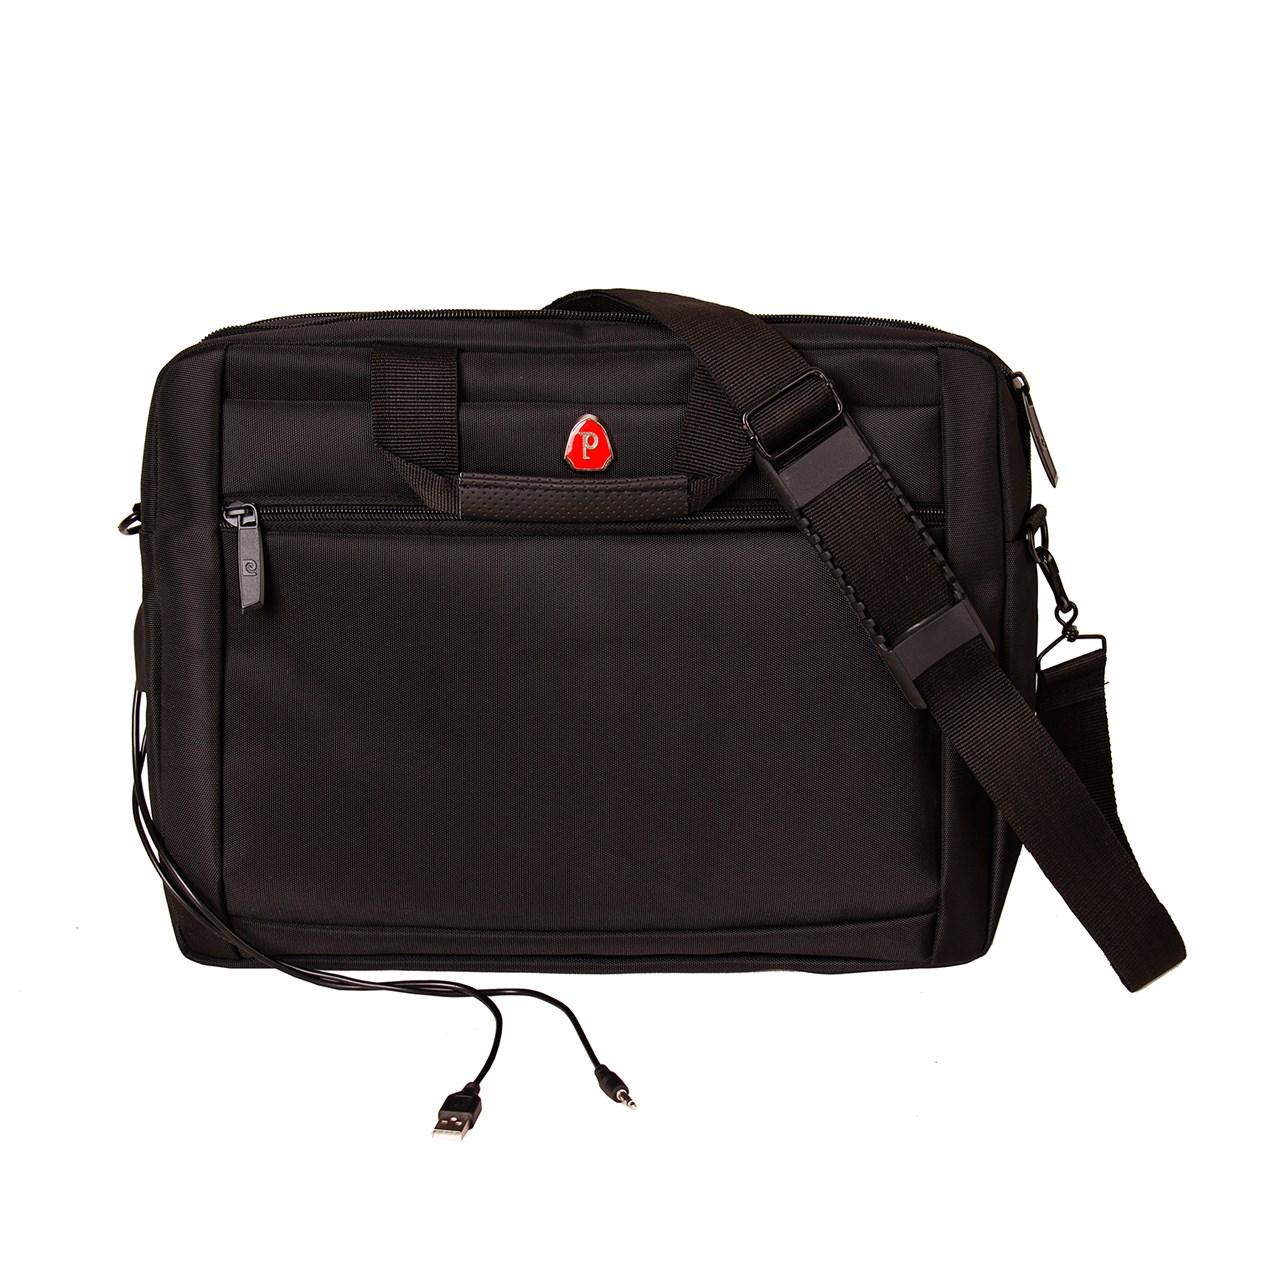 کیف لپ تاپ مدرن کیف پارسیان مدل Cat مناسب برای لپ تاپ 15.4 اینچی